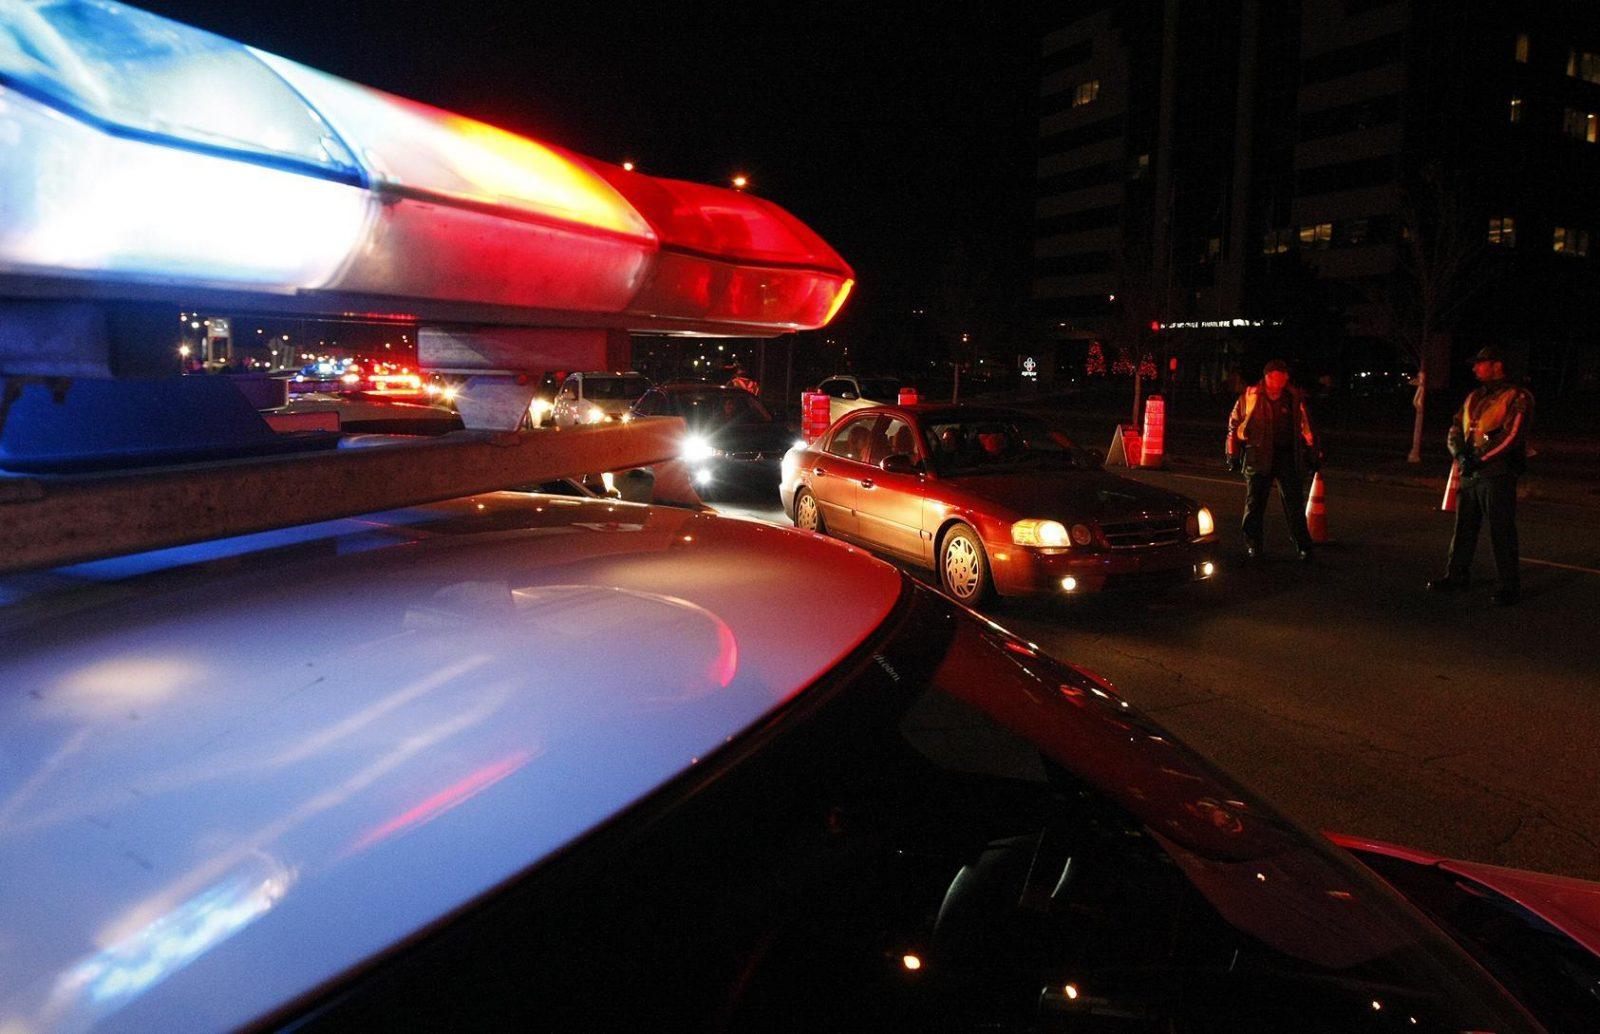 Conducteur blessé gravement sur l'autoroute 35